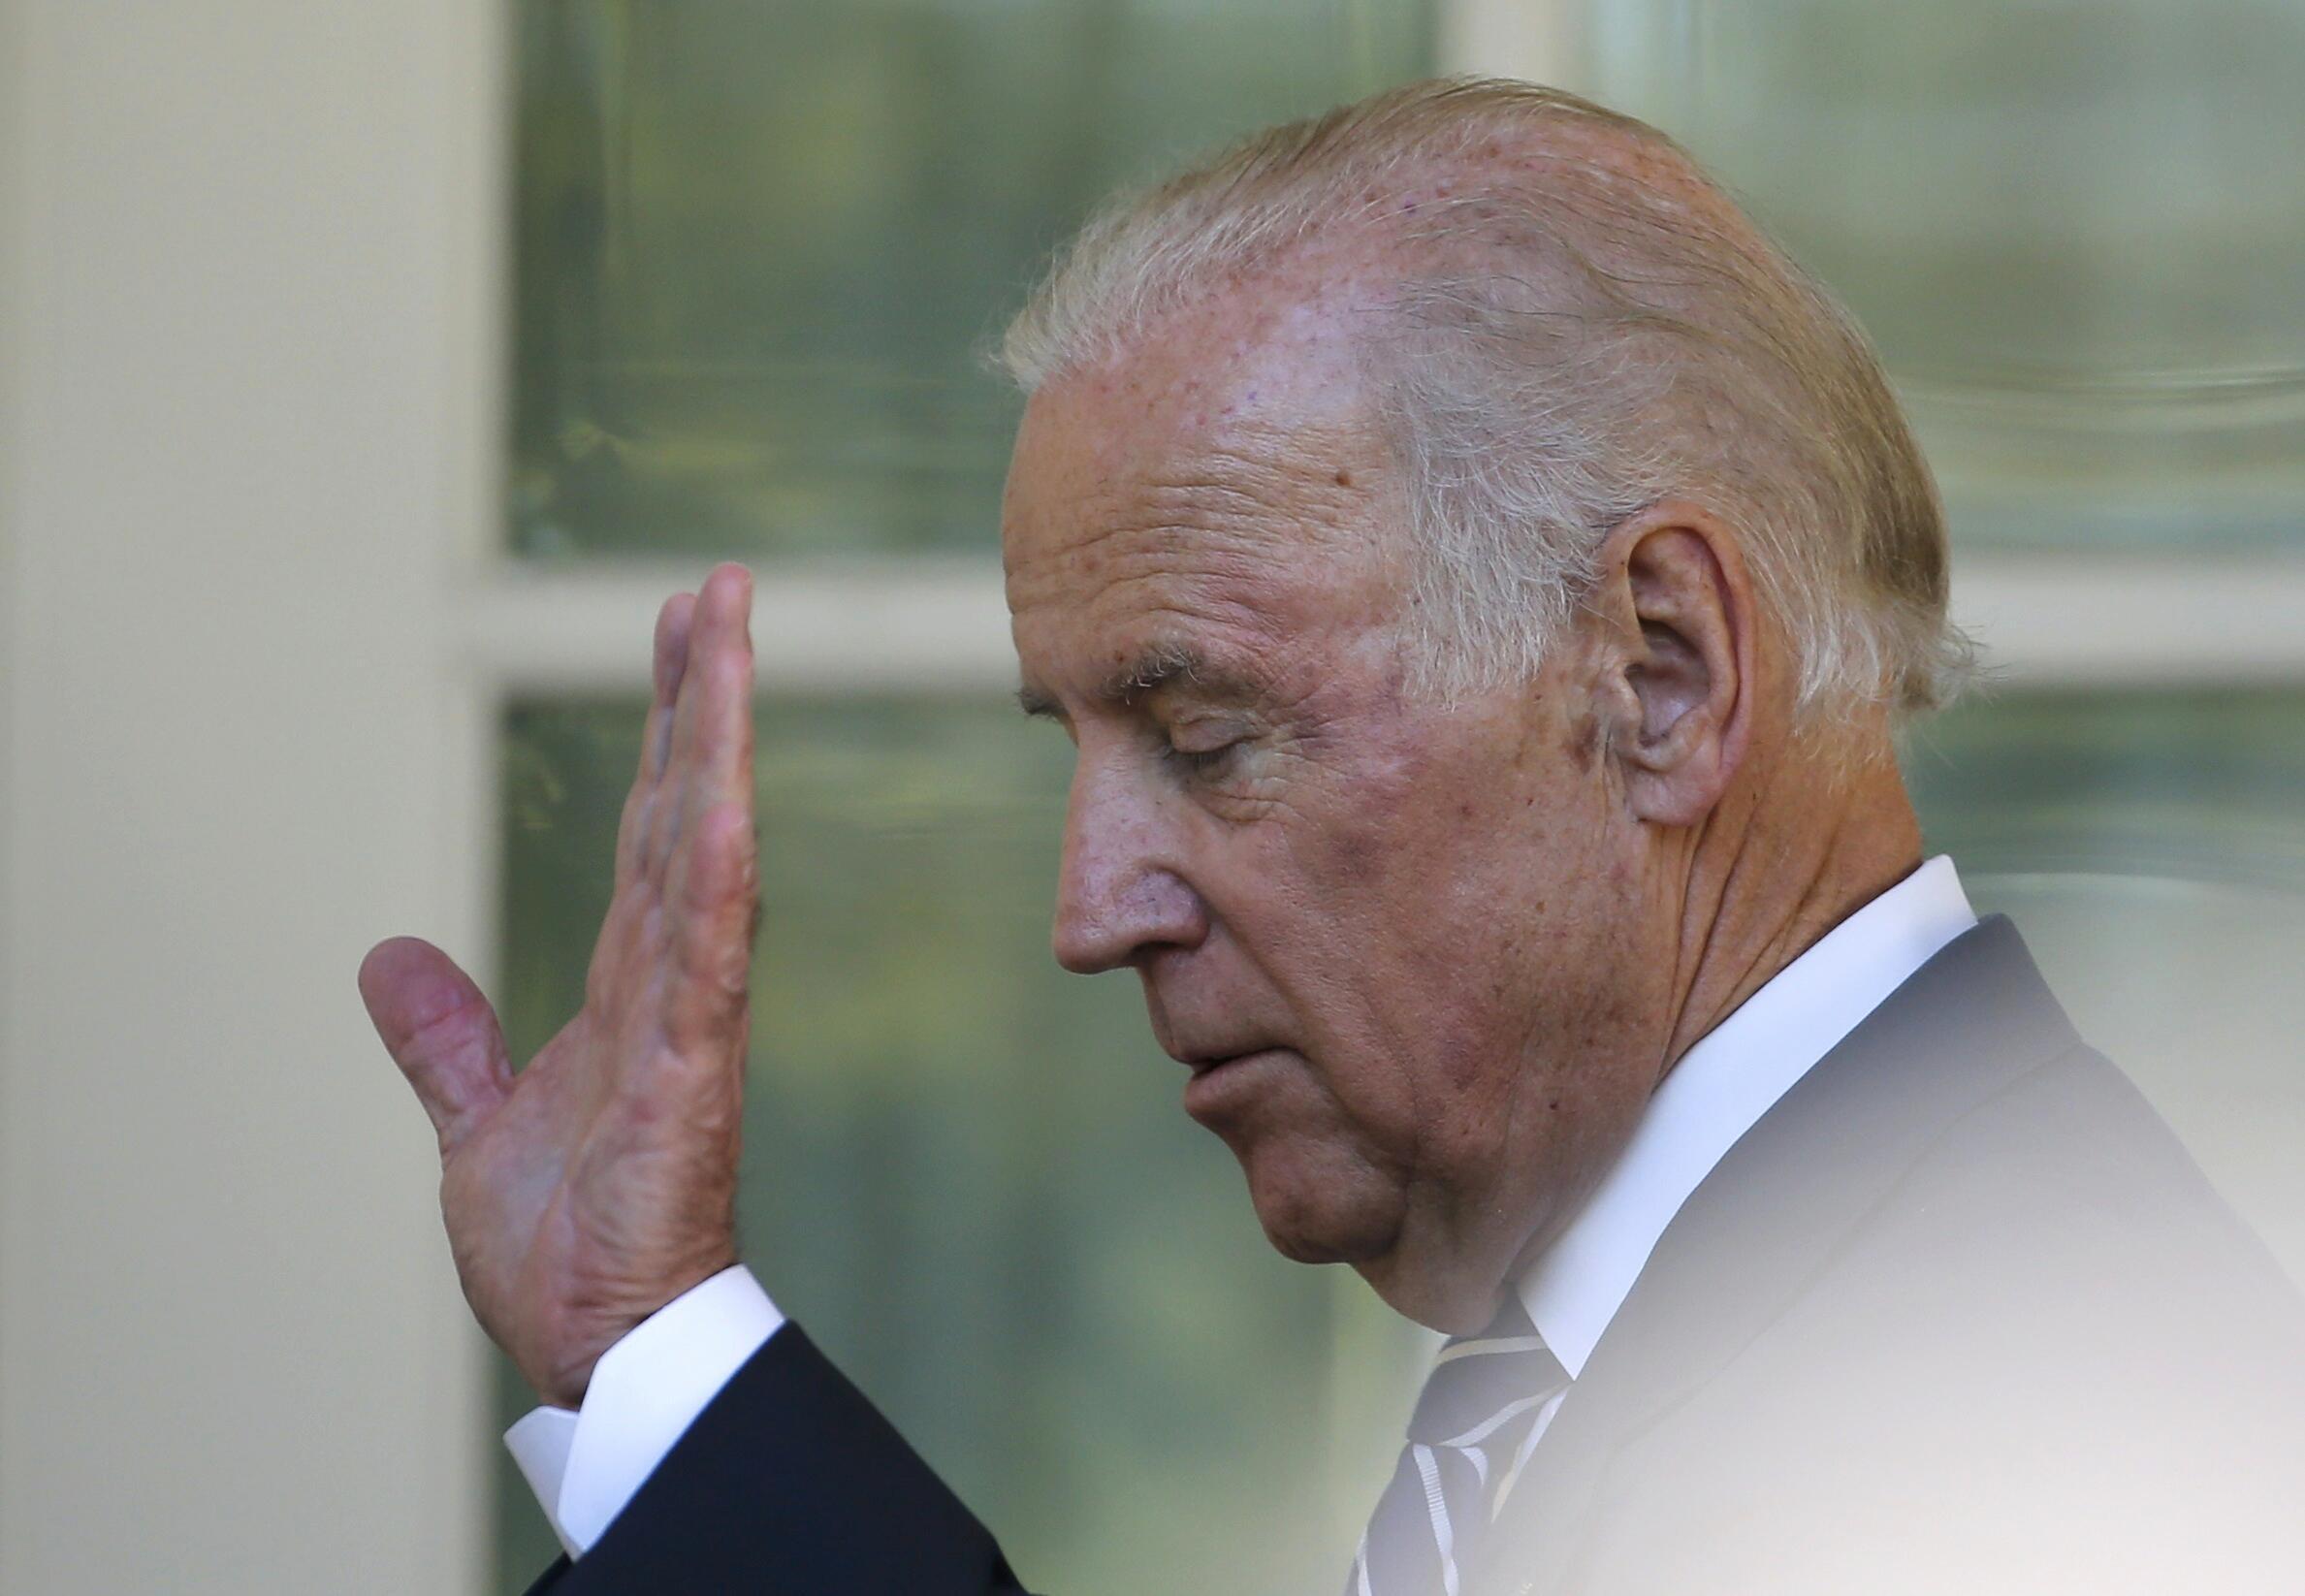 O vice-presidente americano, Joe Biden, anunciou nesta quarta-feira (21) que não será candidato nas primárias que definirão quem vai disputar a presidência dos EUA pelo Partido Democrata em 2016.